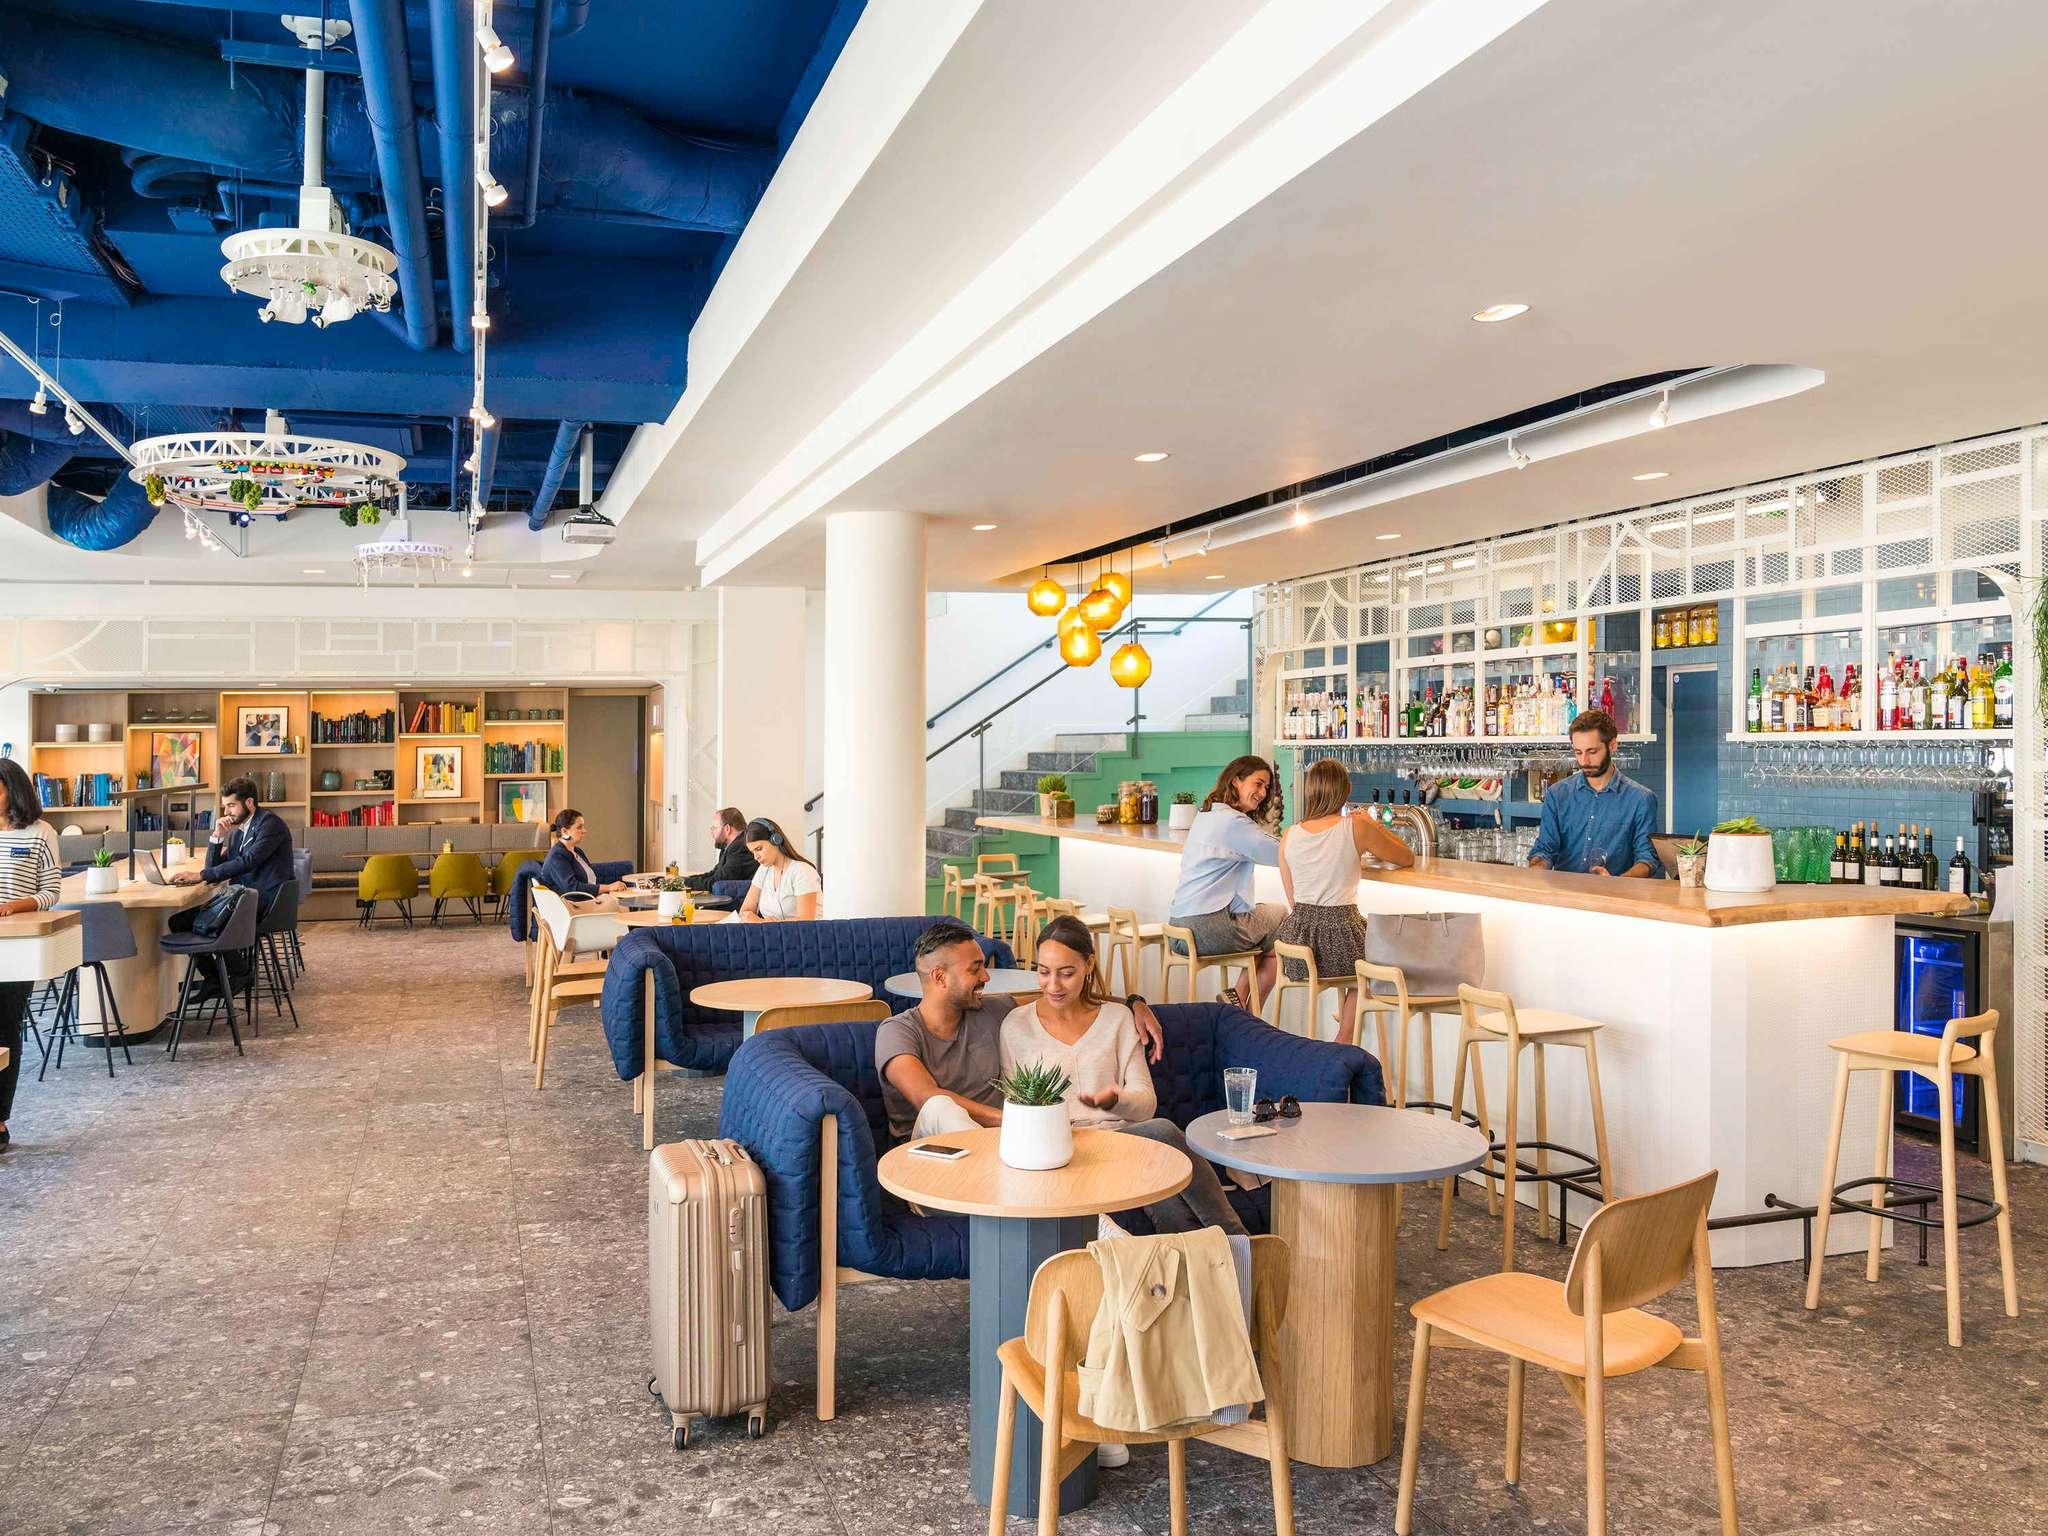 فندق - نوفوتيل NOVOTEL باريس مونبارناس